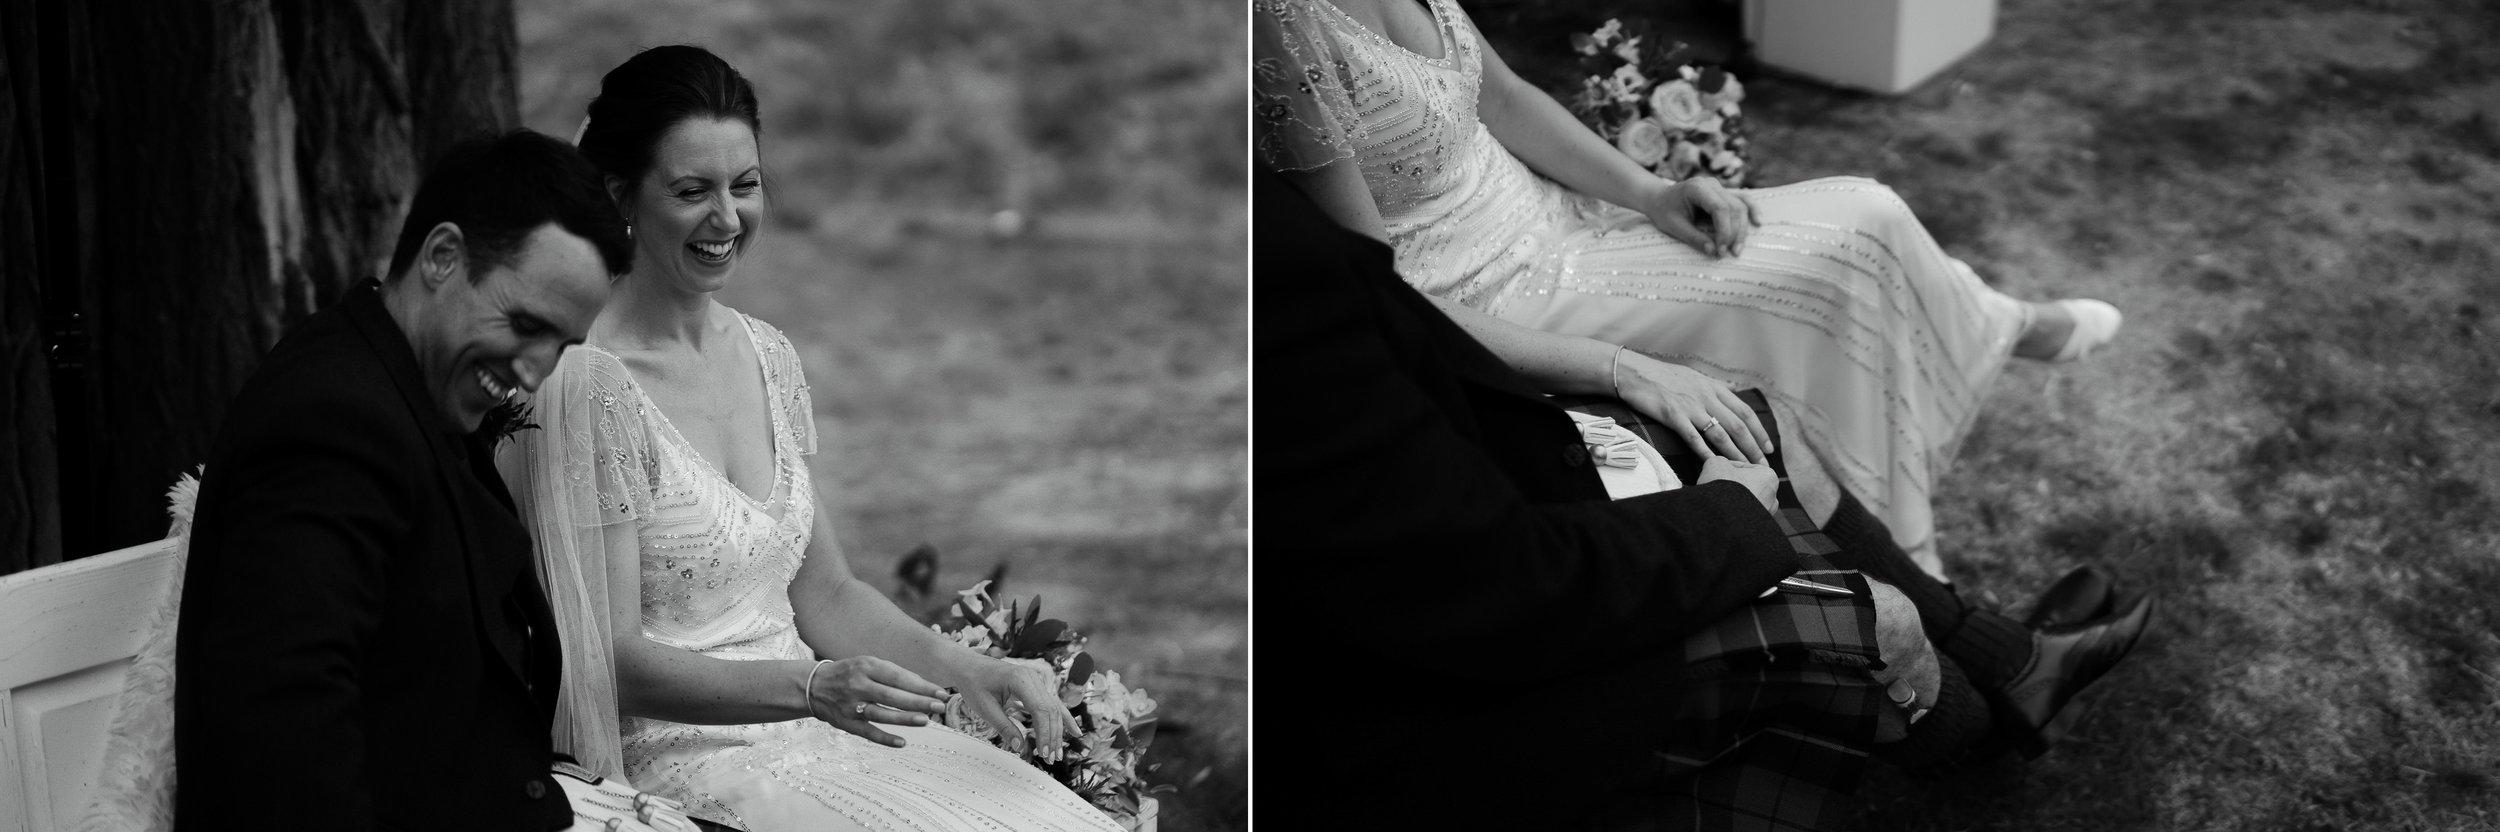 Beste bruiloft fotograaf van Nederland Mark Hadden